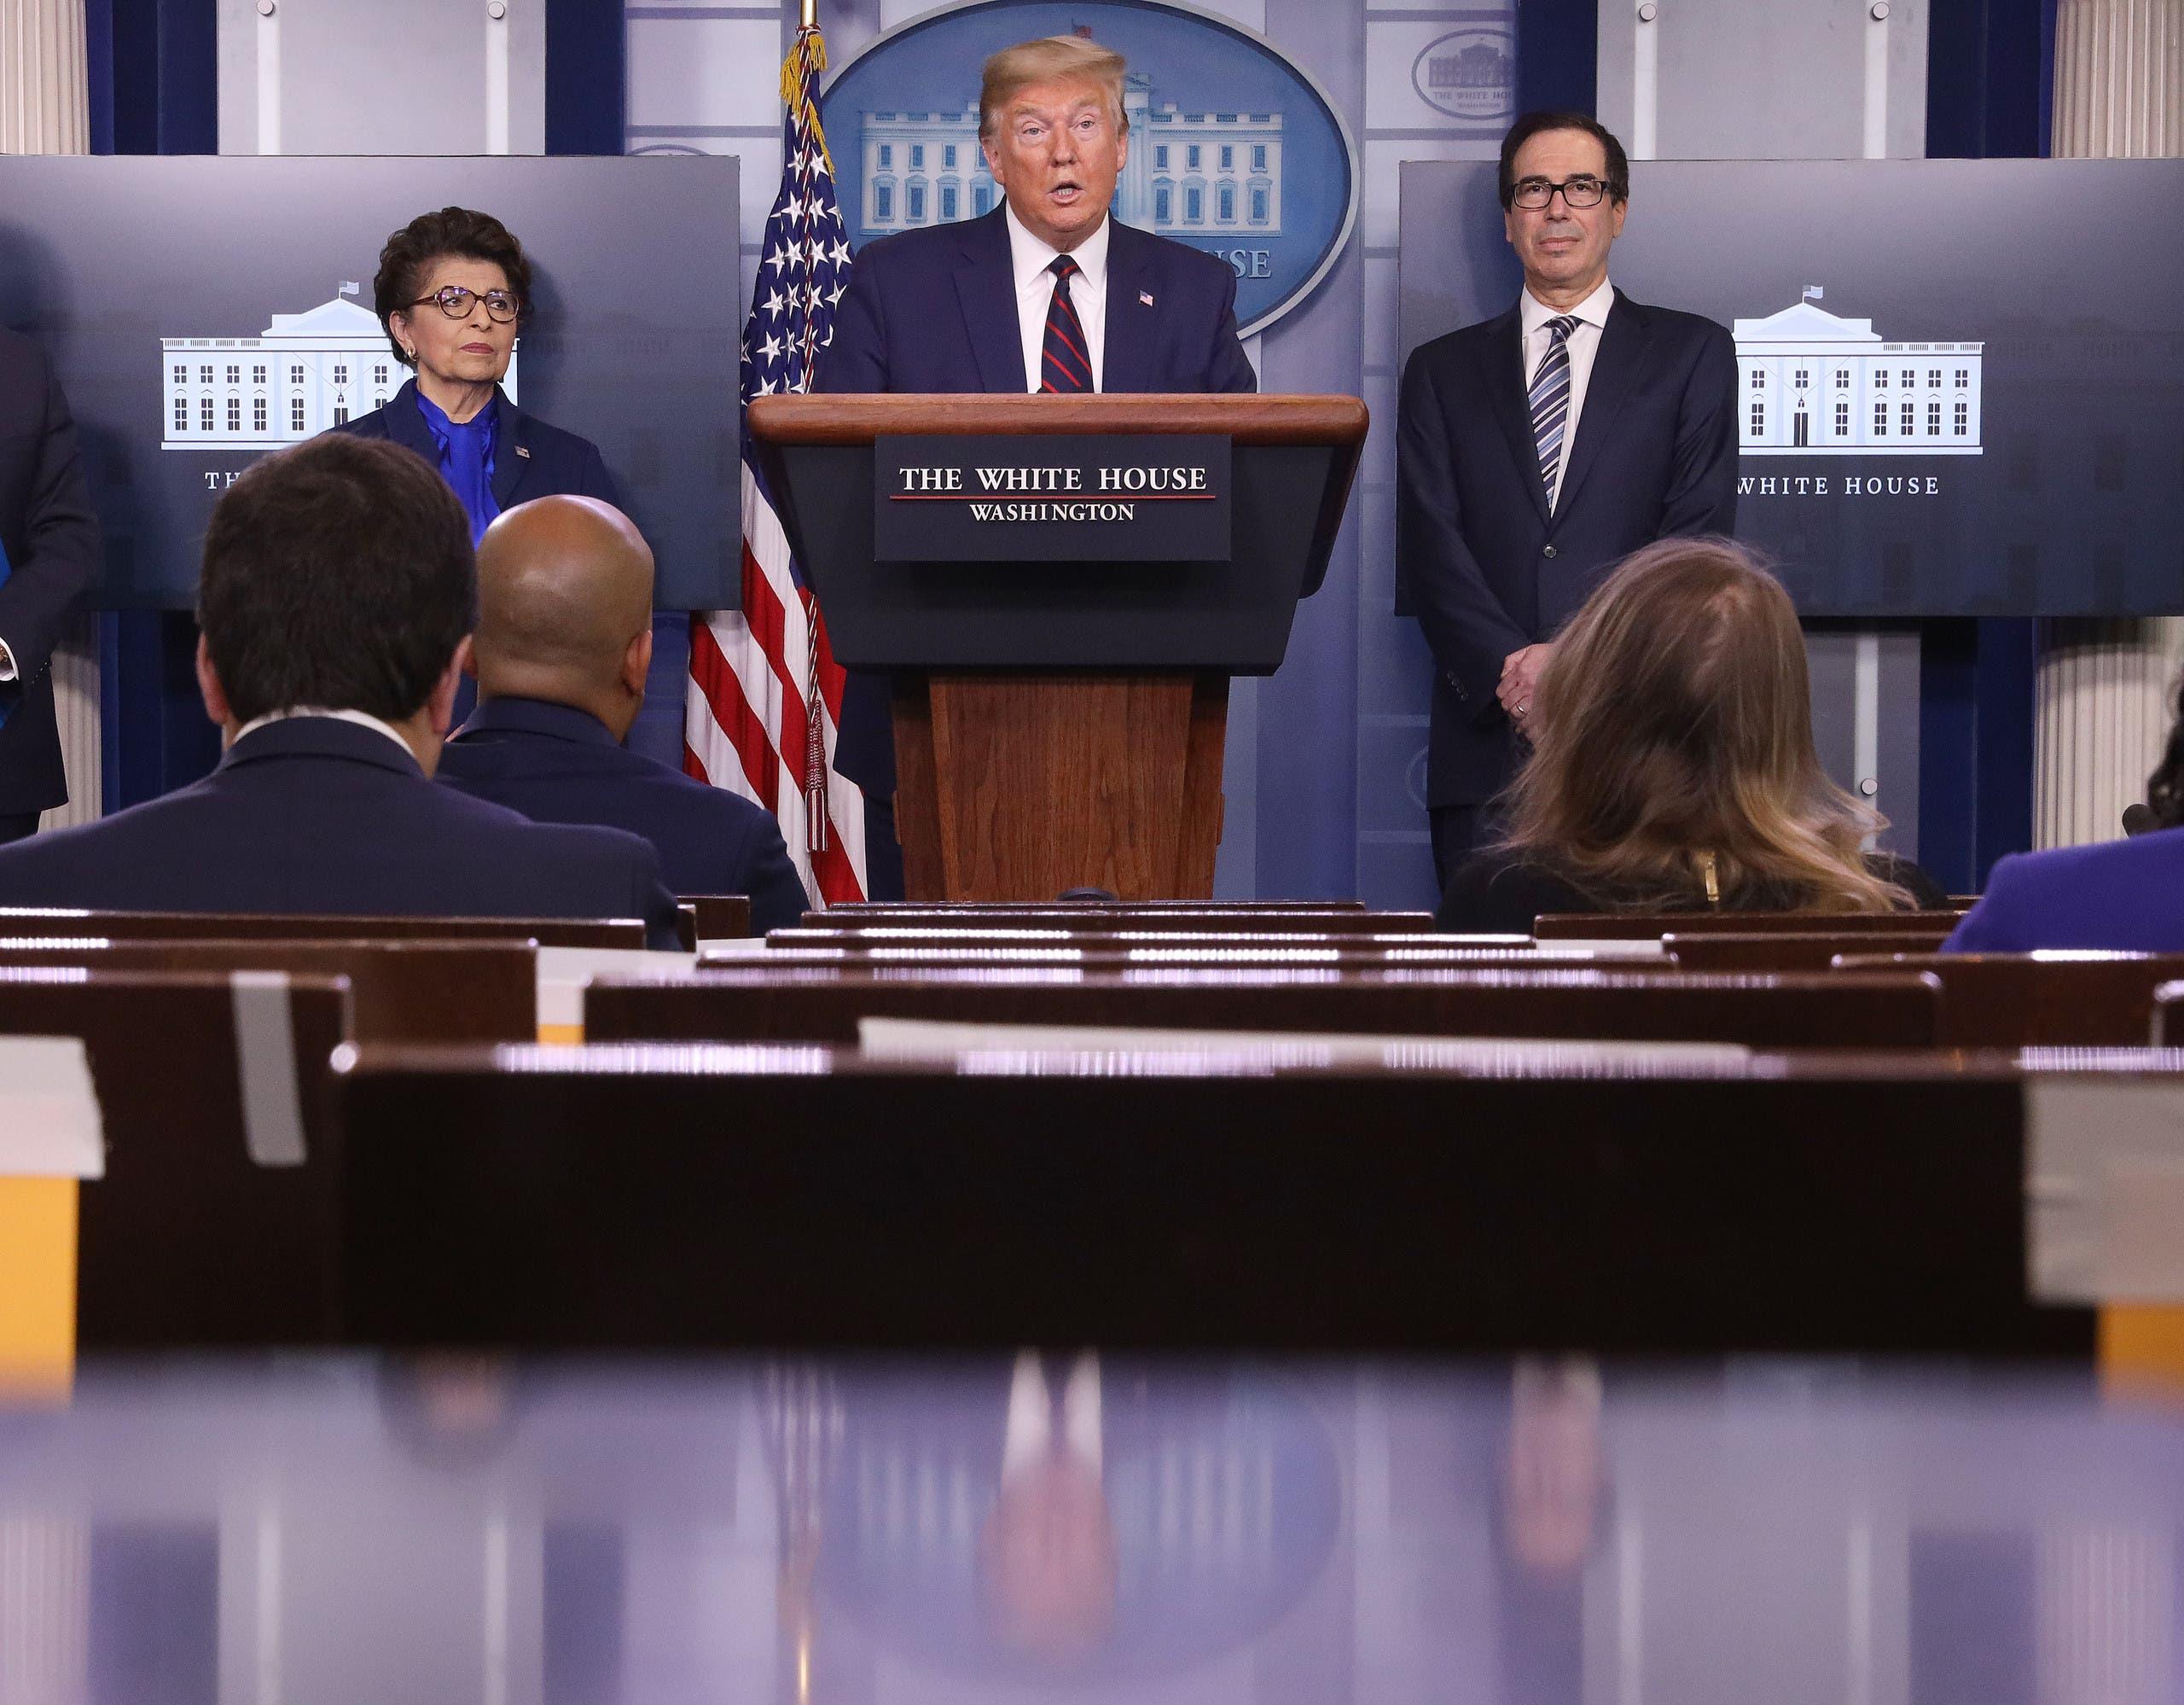 الرئيس الأميركي دونالد ترمب، خلال مؤتمر صحفي لخلية الأزمة الأمريكية حول تداعيات فيروس كورونا